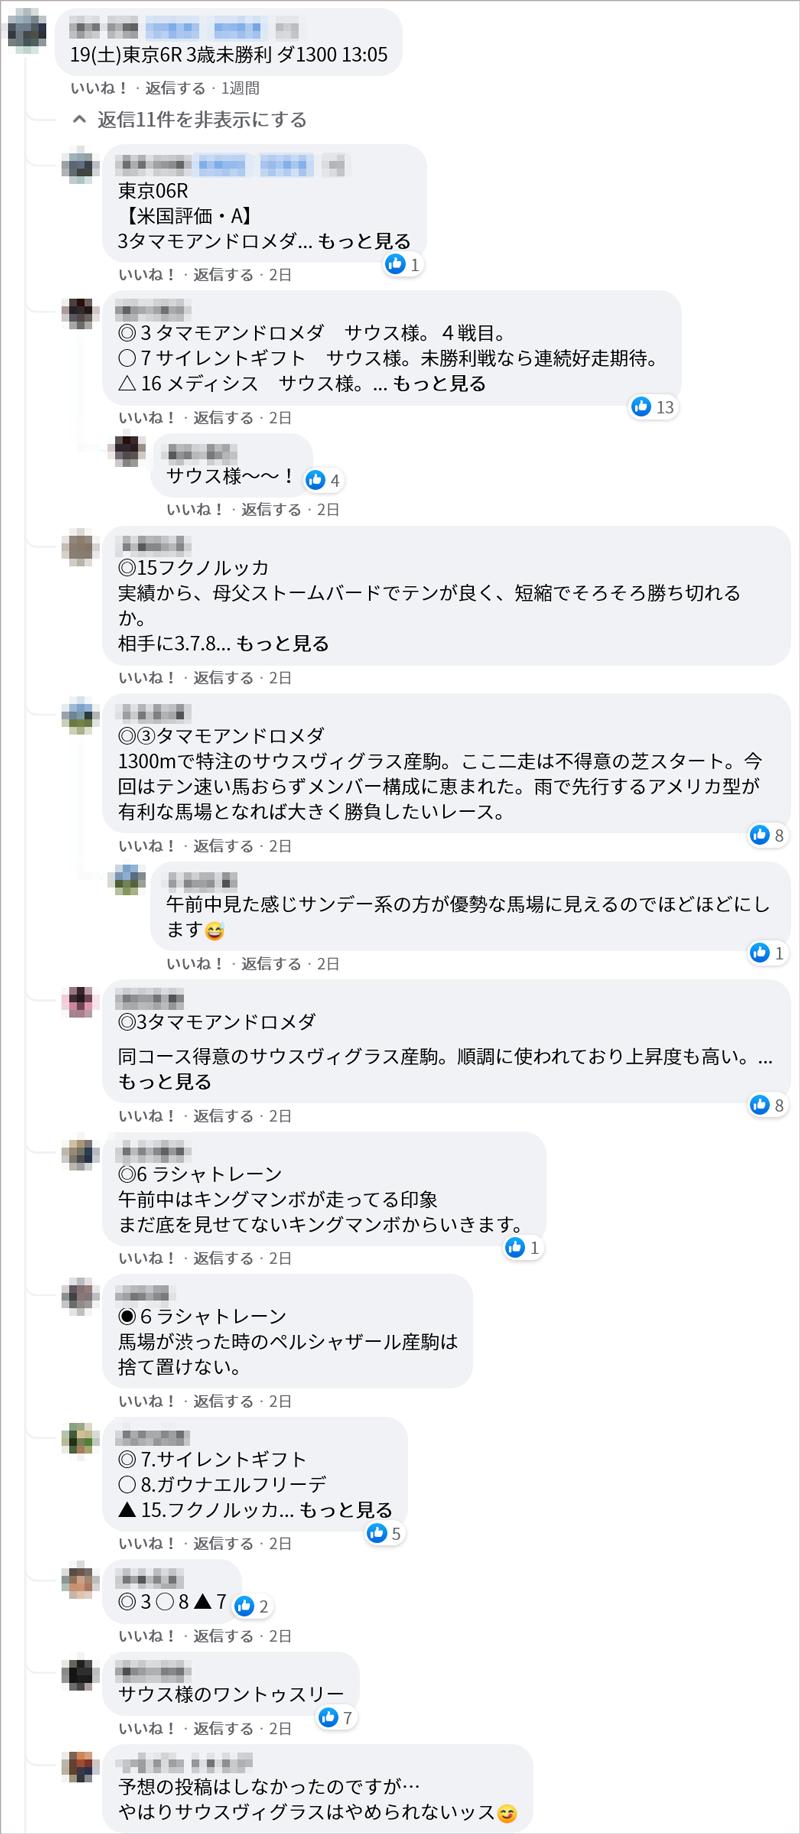 サウスヴィグラスは亀谷ファンにはお馴染み、ダート界の良血ですが、この日の『亀谷競馬サロン』のFacebookページ(プレミアムコース会員のみ公開)でも多くのメンバーが推奨していました。